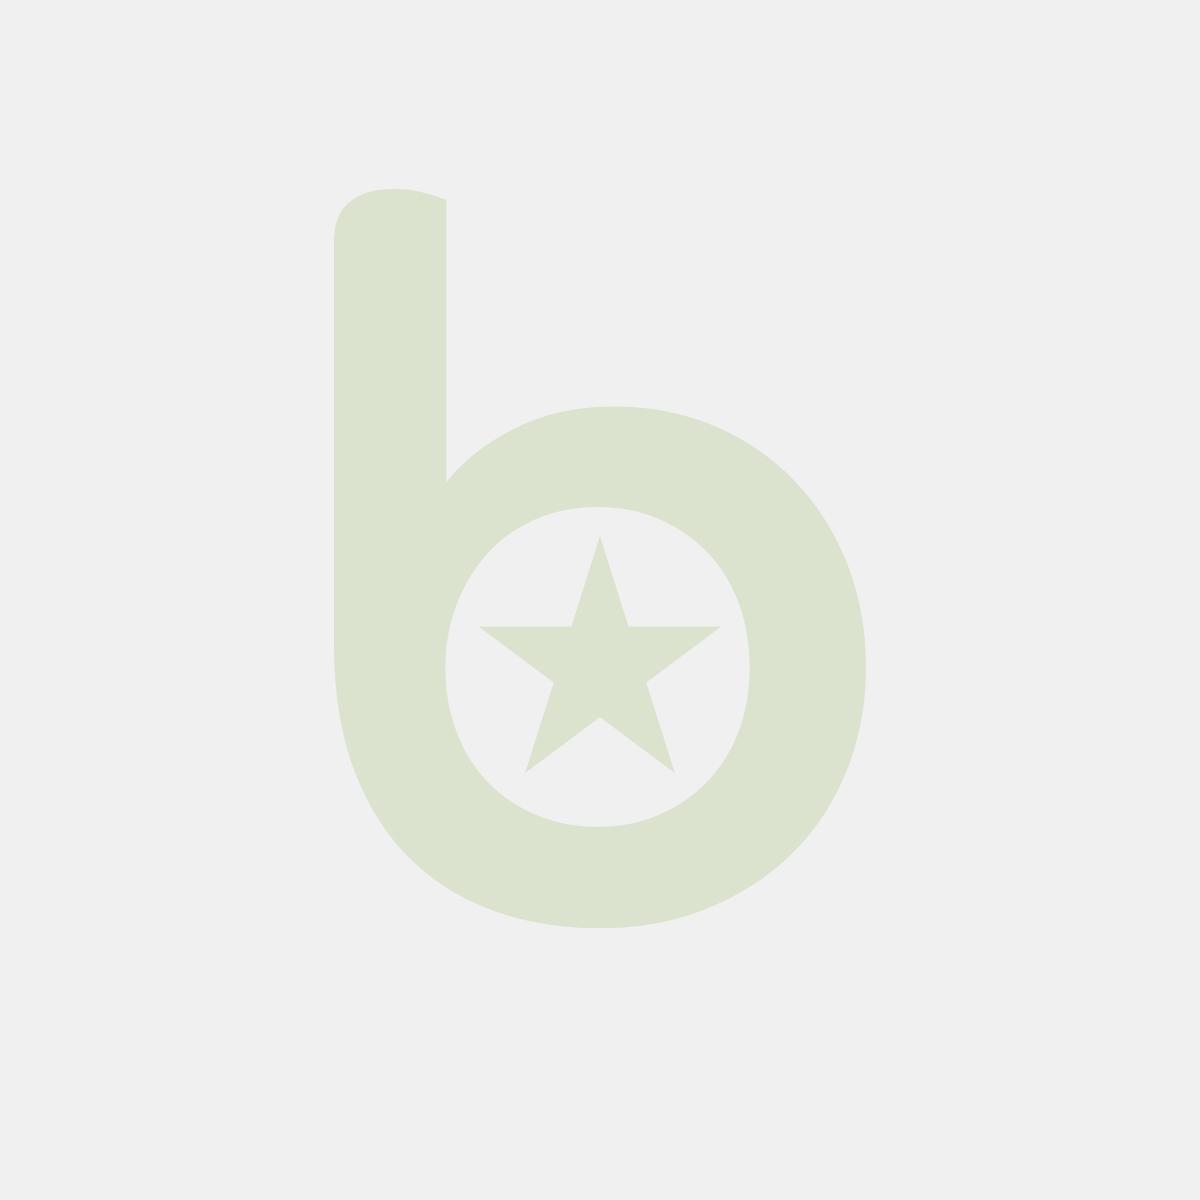 Profesjonalny elektroniczny młynek do mielenia kawy - kod 208885